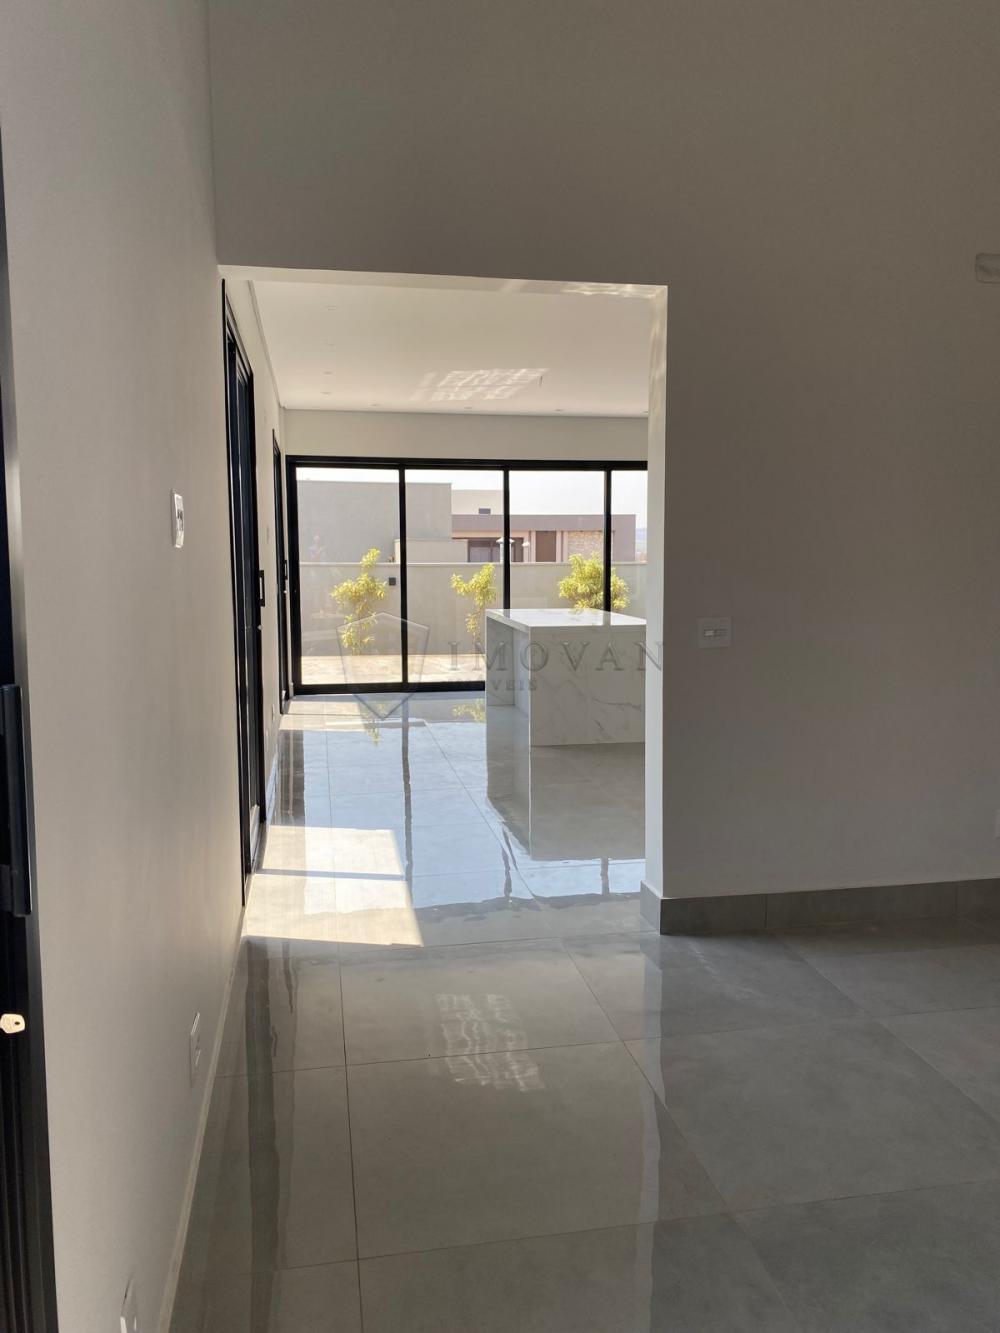 Comprar Casa / Condomínio em Ribeirão Preto R$ 1.350.000,00 - Foto 3